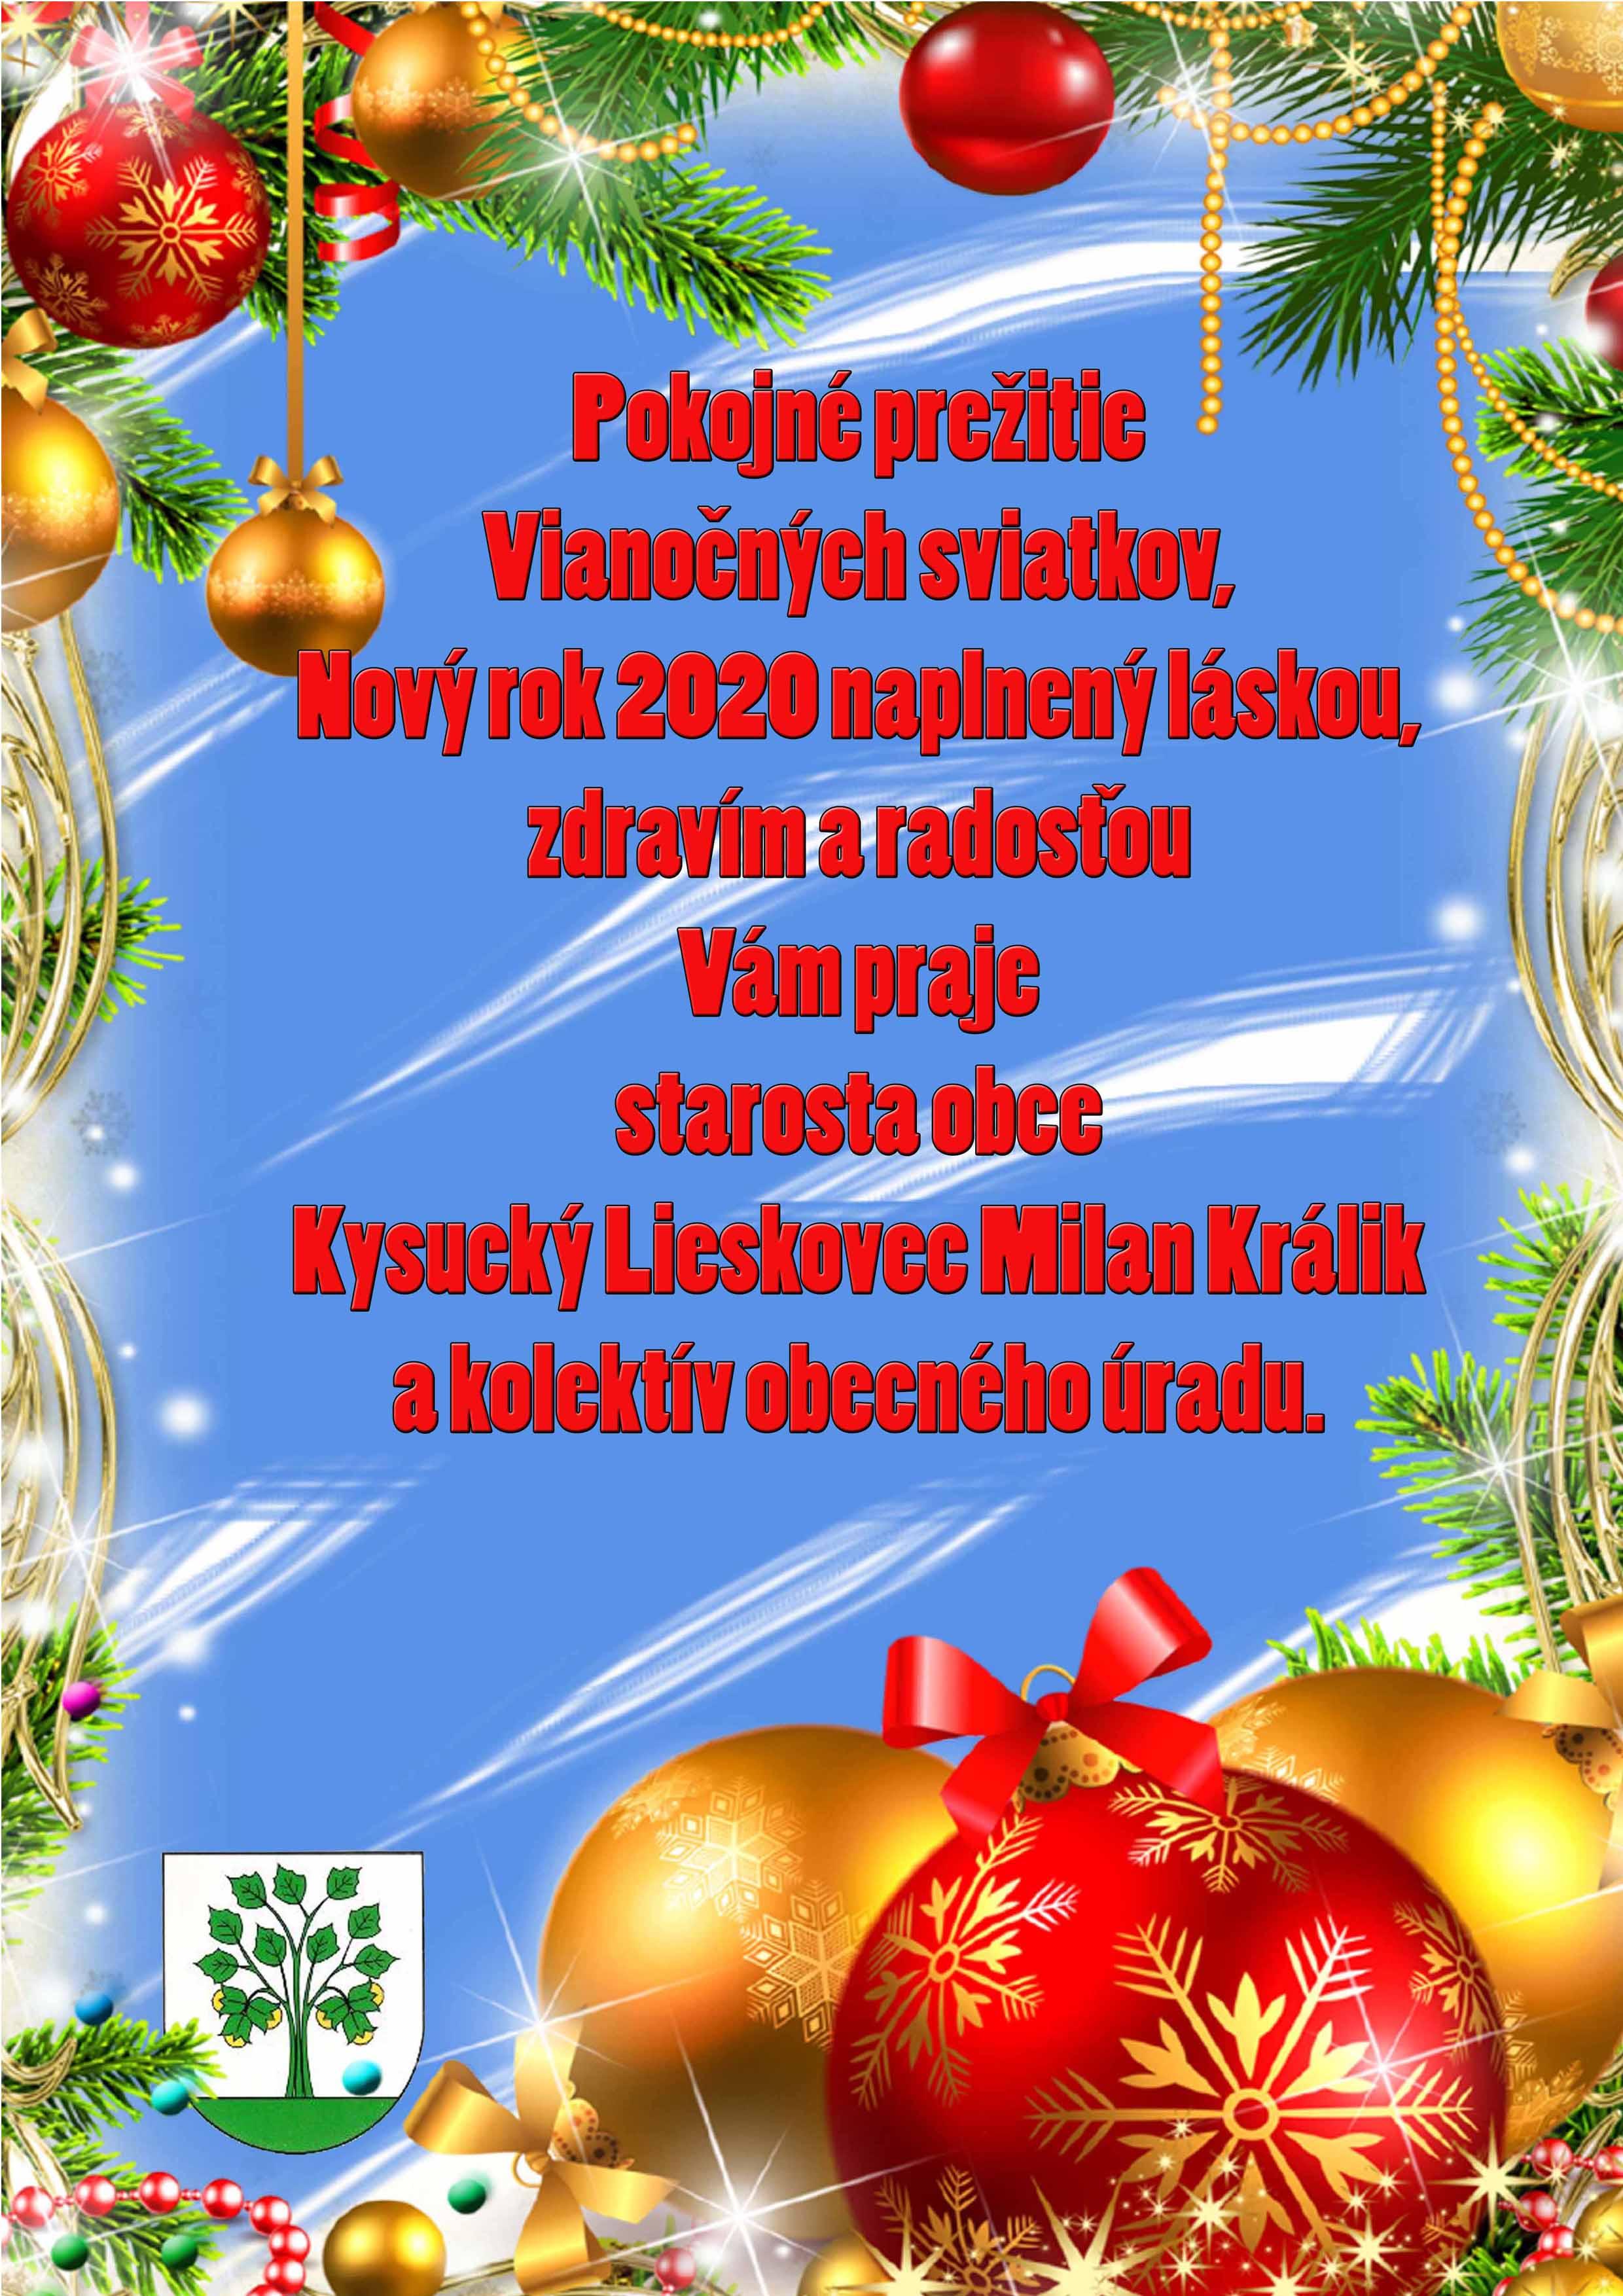 Prajeme Vám príjemné prežitie Vianočných sviatkov a šťastný Nový rok 2020